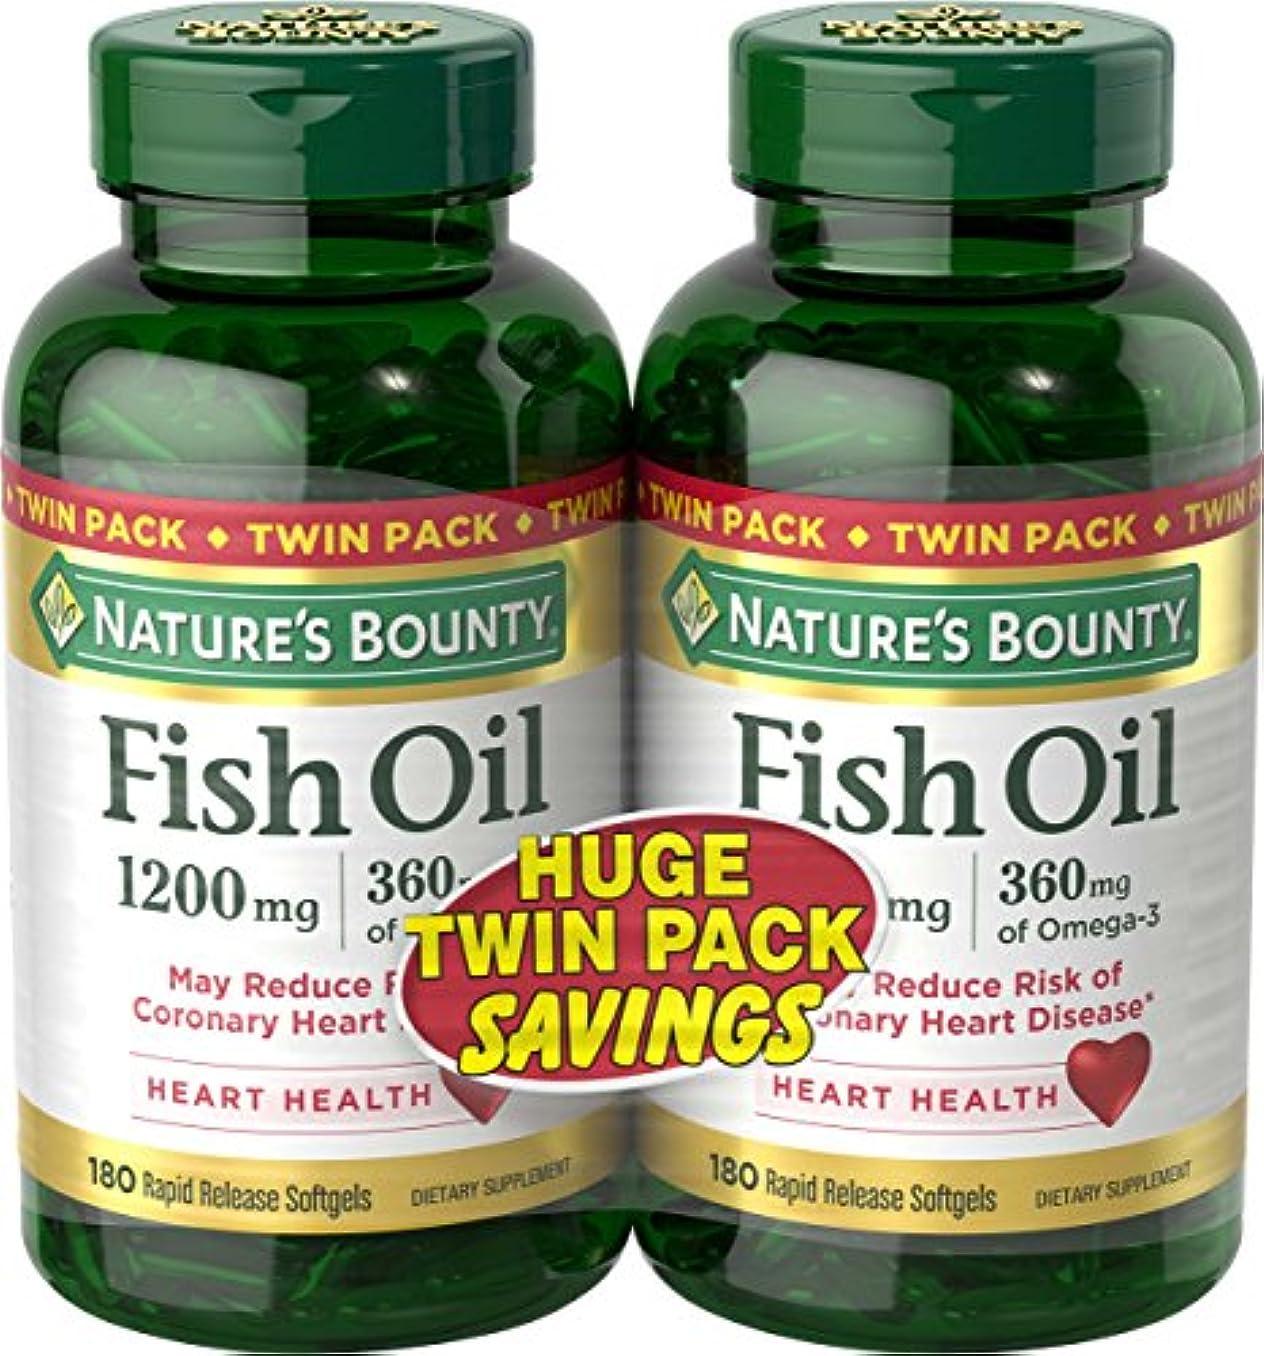 メタン統治する貞Nature's Bounty Fish Oil 1200 mg Twin Packs, 180 Rapid Release Liguid Softgels 海外直送品